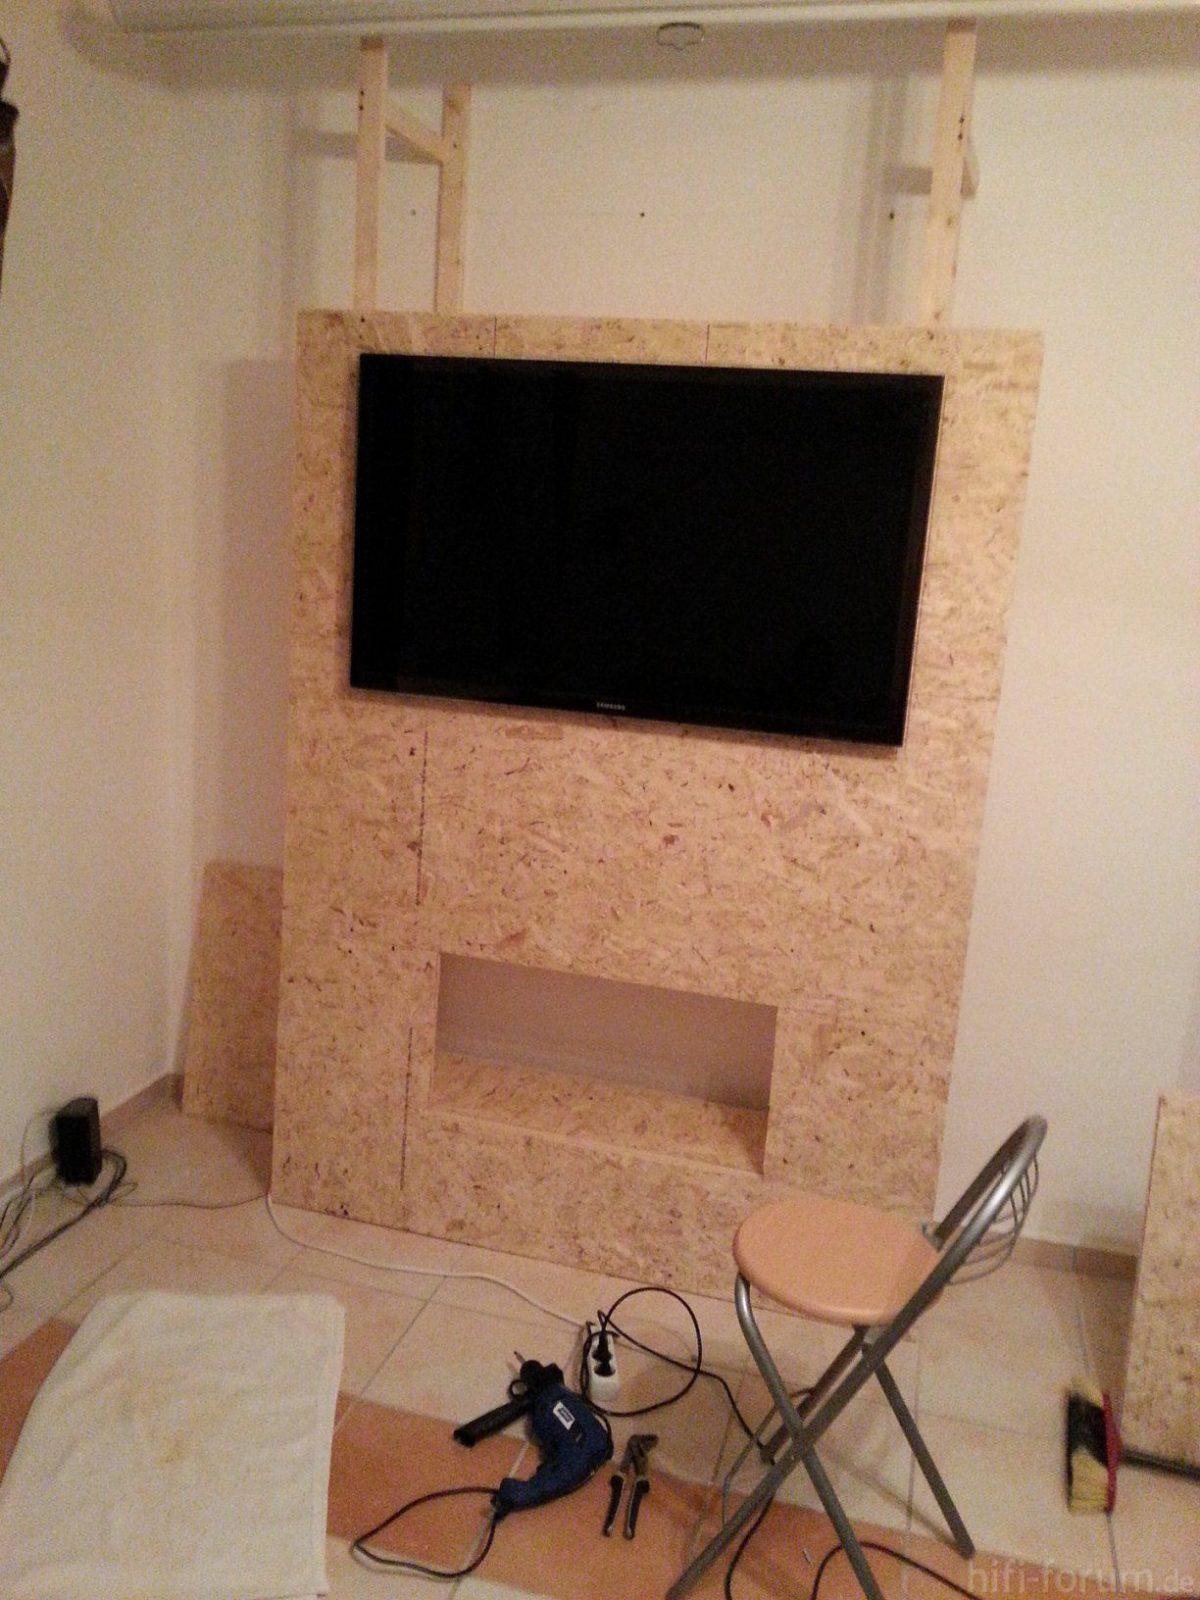 Cool Schlafzimmer Modell Von Tv Wand Selber Bauen Ideen von Tv Wand Selber Bauen Ideen Bild